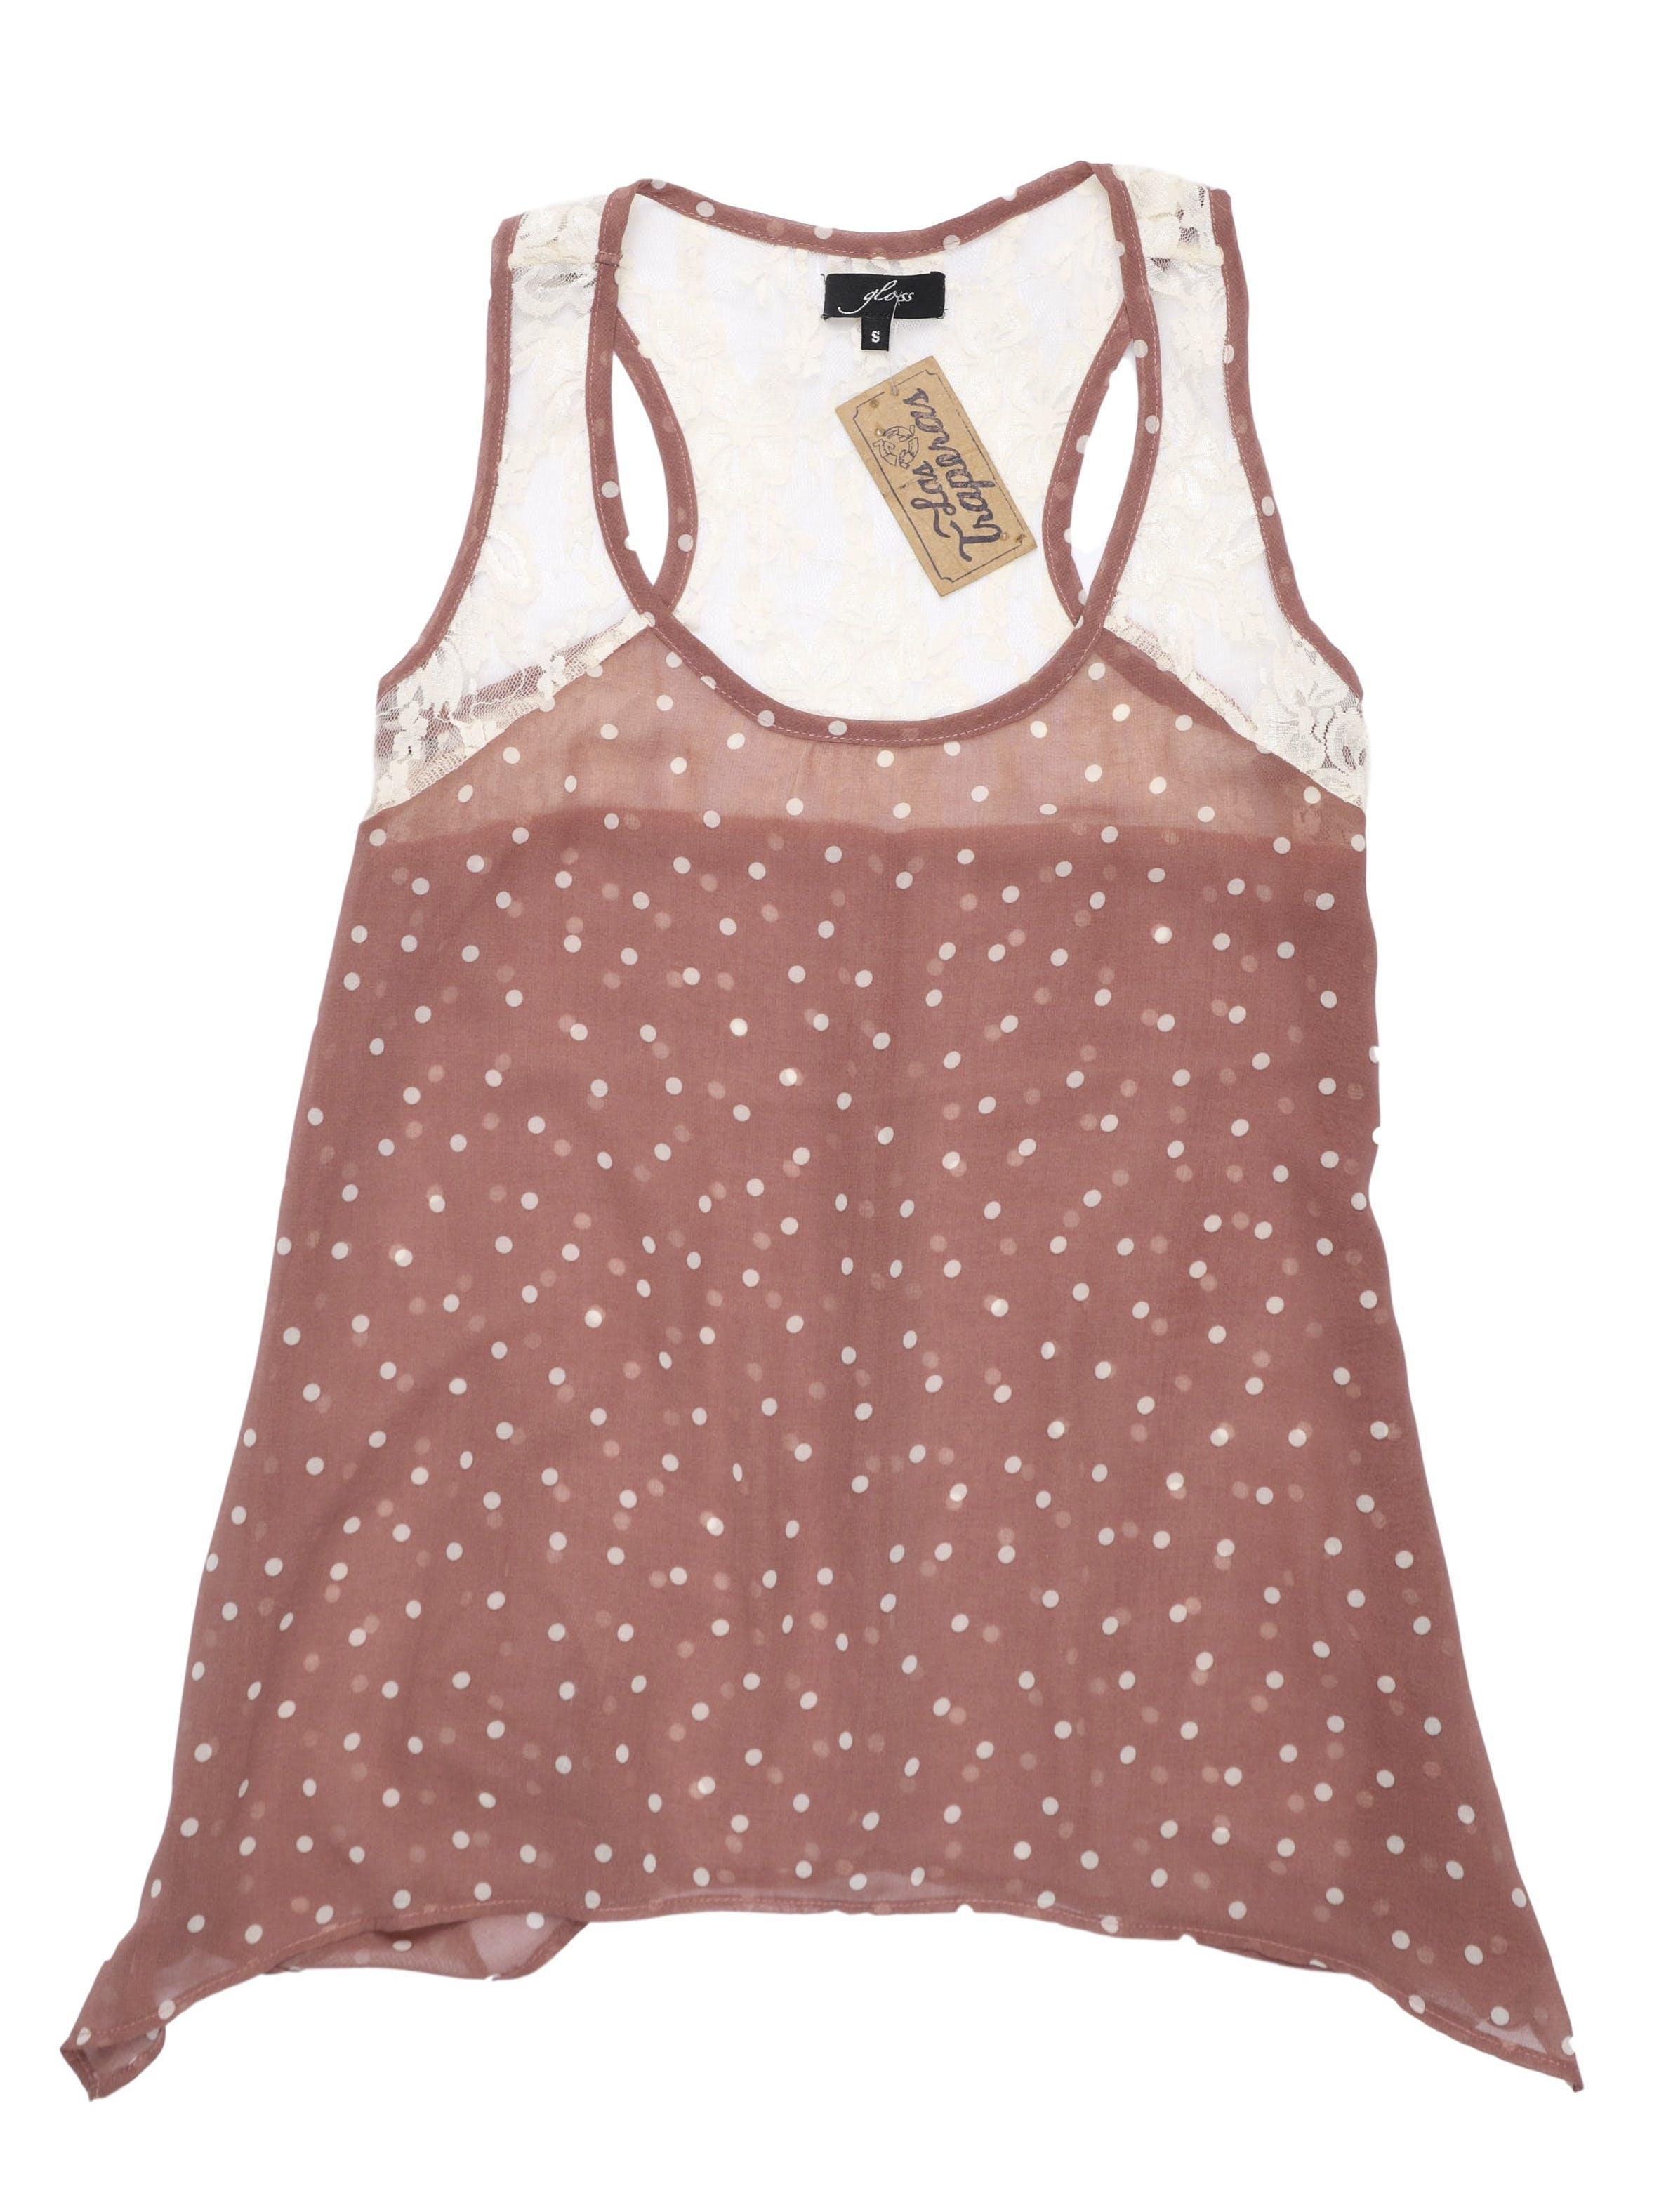 Blusa con polka dots crema, encaje en hombros y espalda alta. Busto 90 cm.